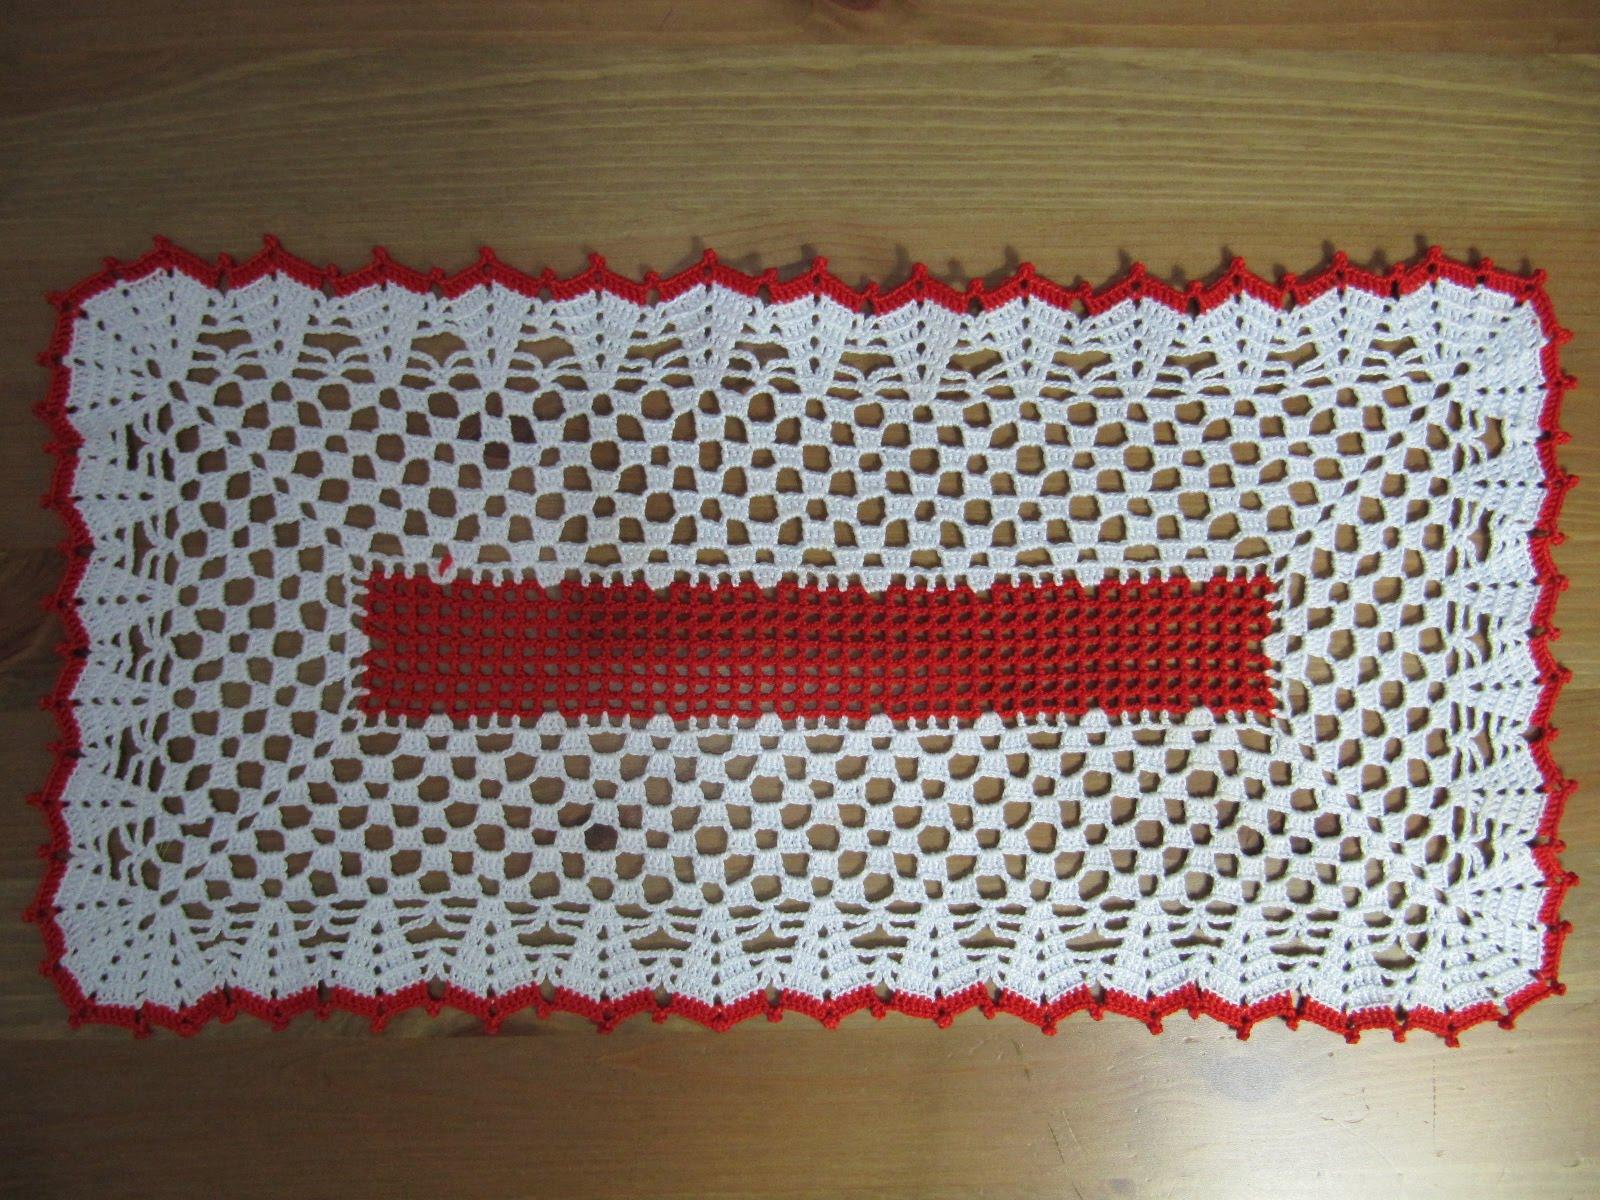 Labores de mari angeles nuevo tapete de ganchillo for Tapetes de ganchillo